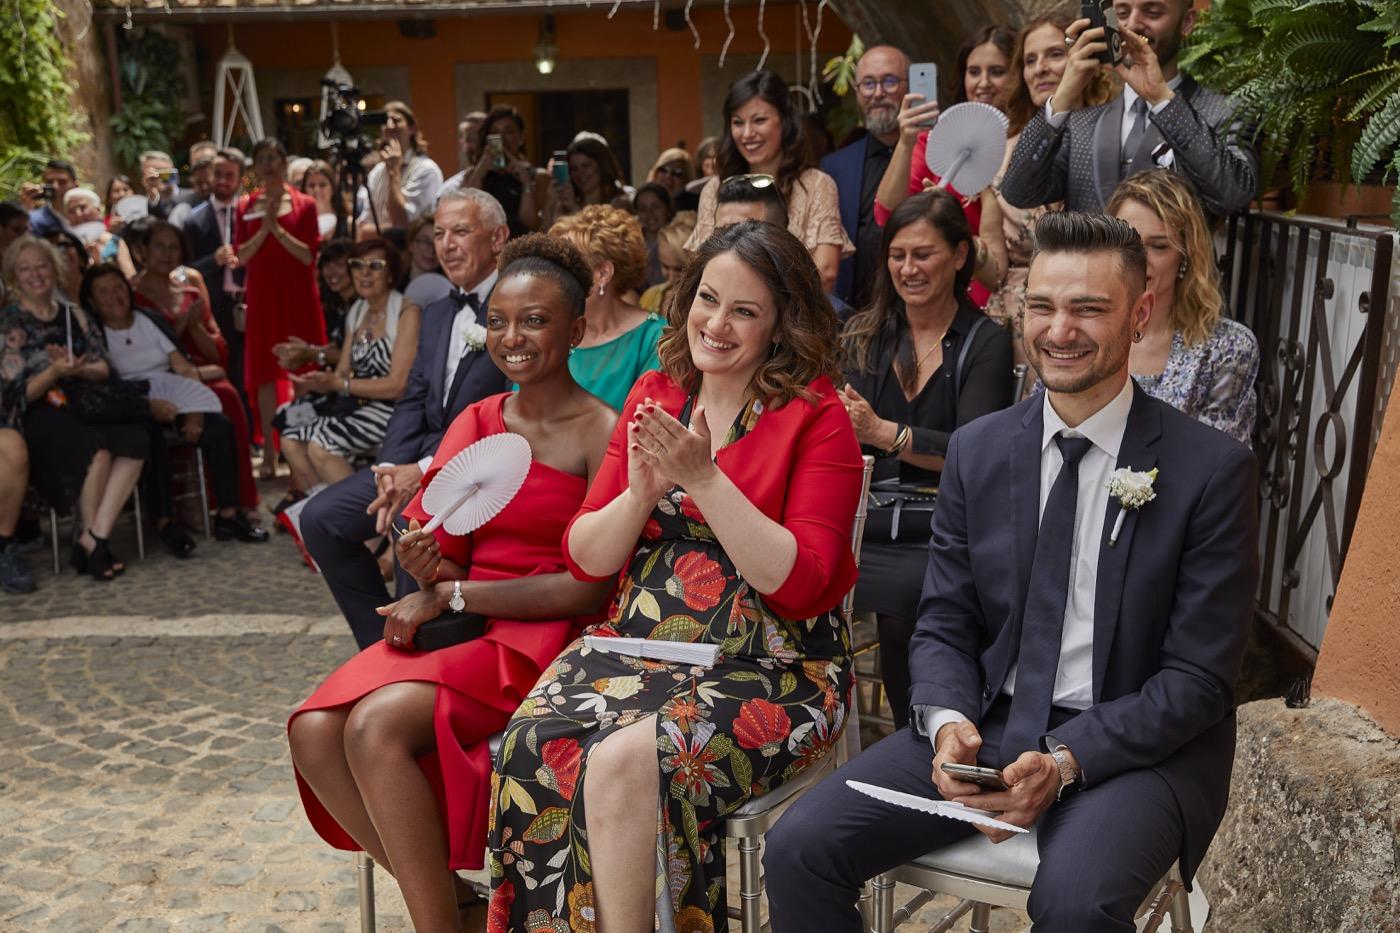 Claudio-Coppola-wedding-photographer-villa-del-cardinale-rocca-di-papa-castel-gandolfo-36